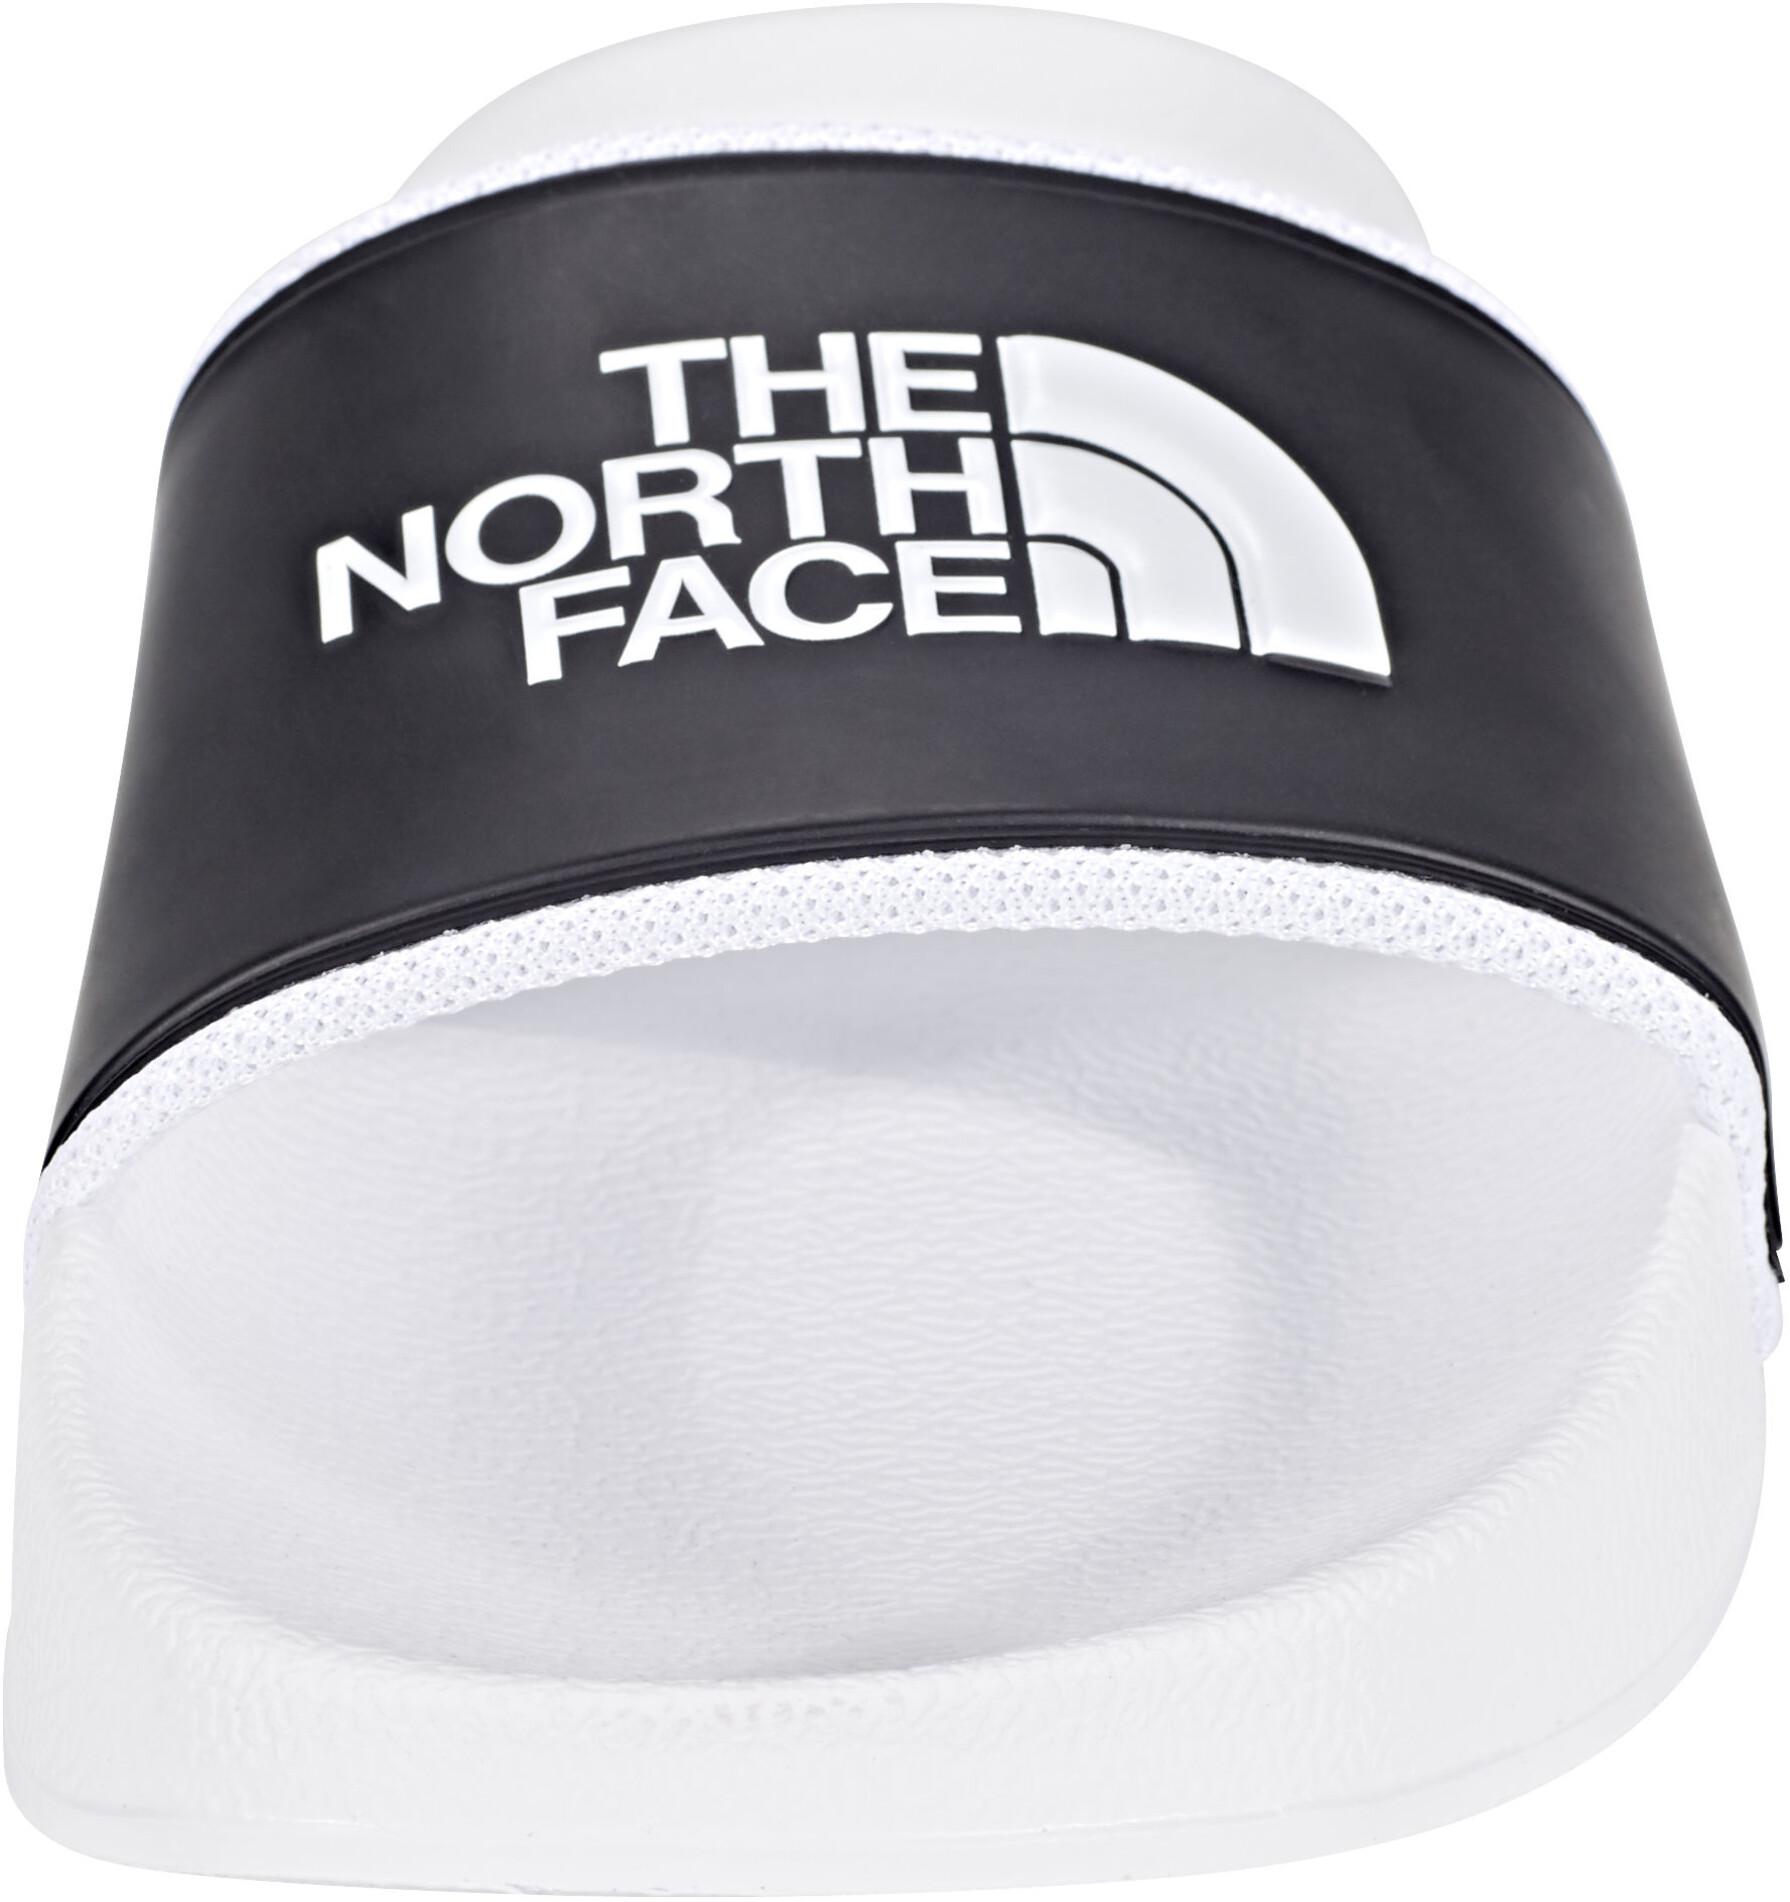 The North Face Base Camp Slide Ii Slippers Women Tnf White Black Headbeand Headwear Buff Helix Ocean Blue